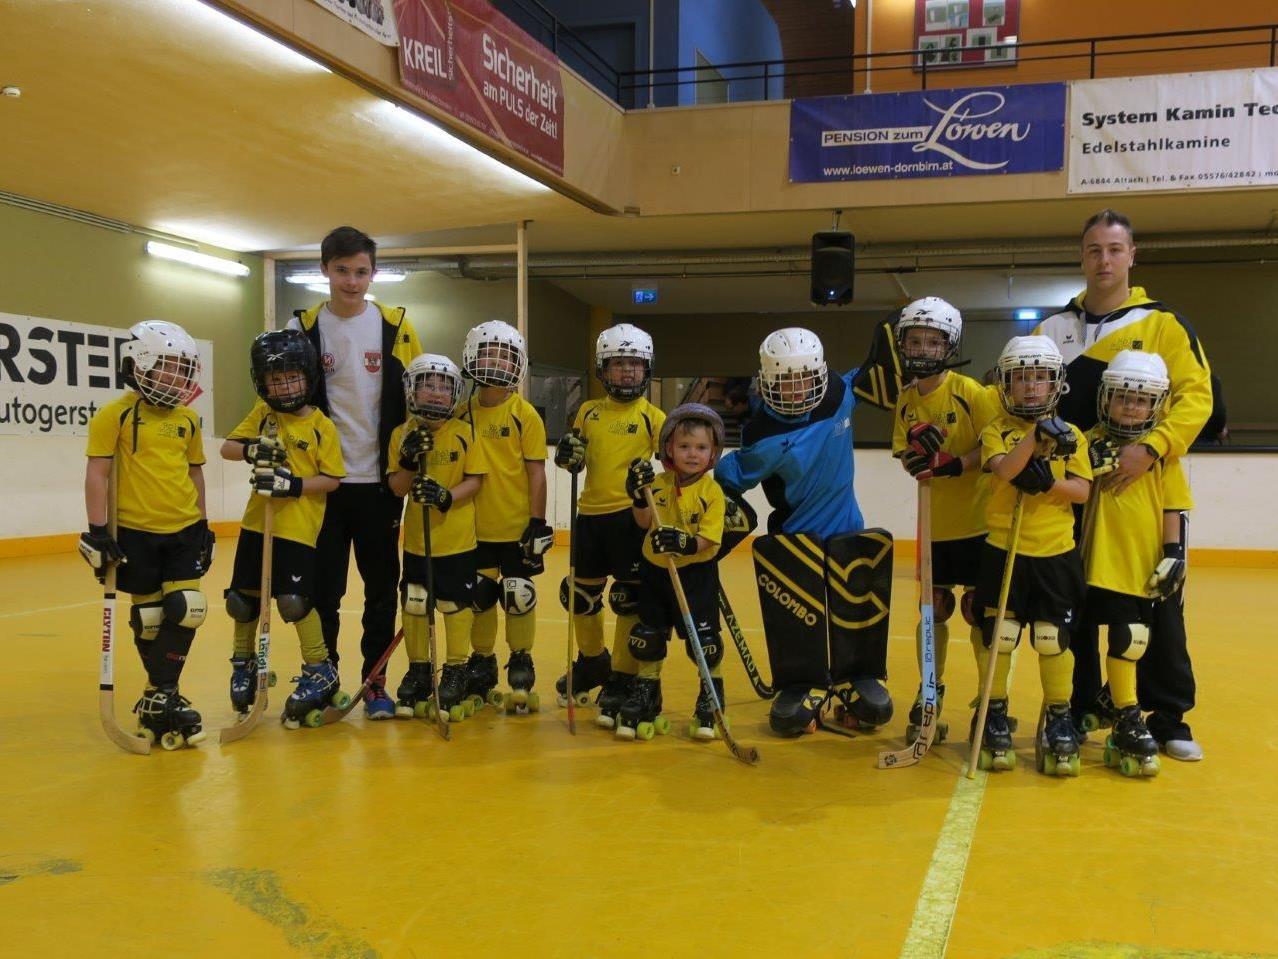 Die jüngsten Rollhockey-Spieler hatten bei ihrer Turnier-Premiere viel Spaß.